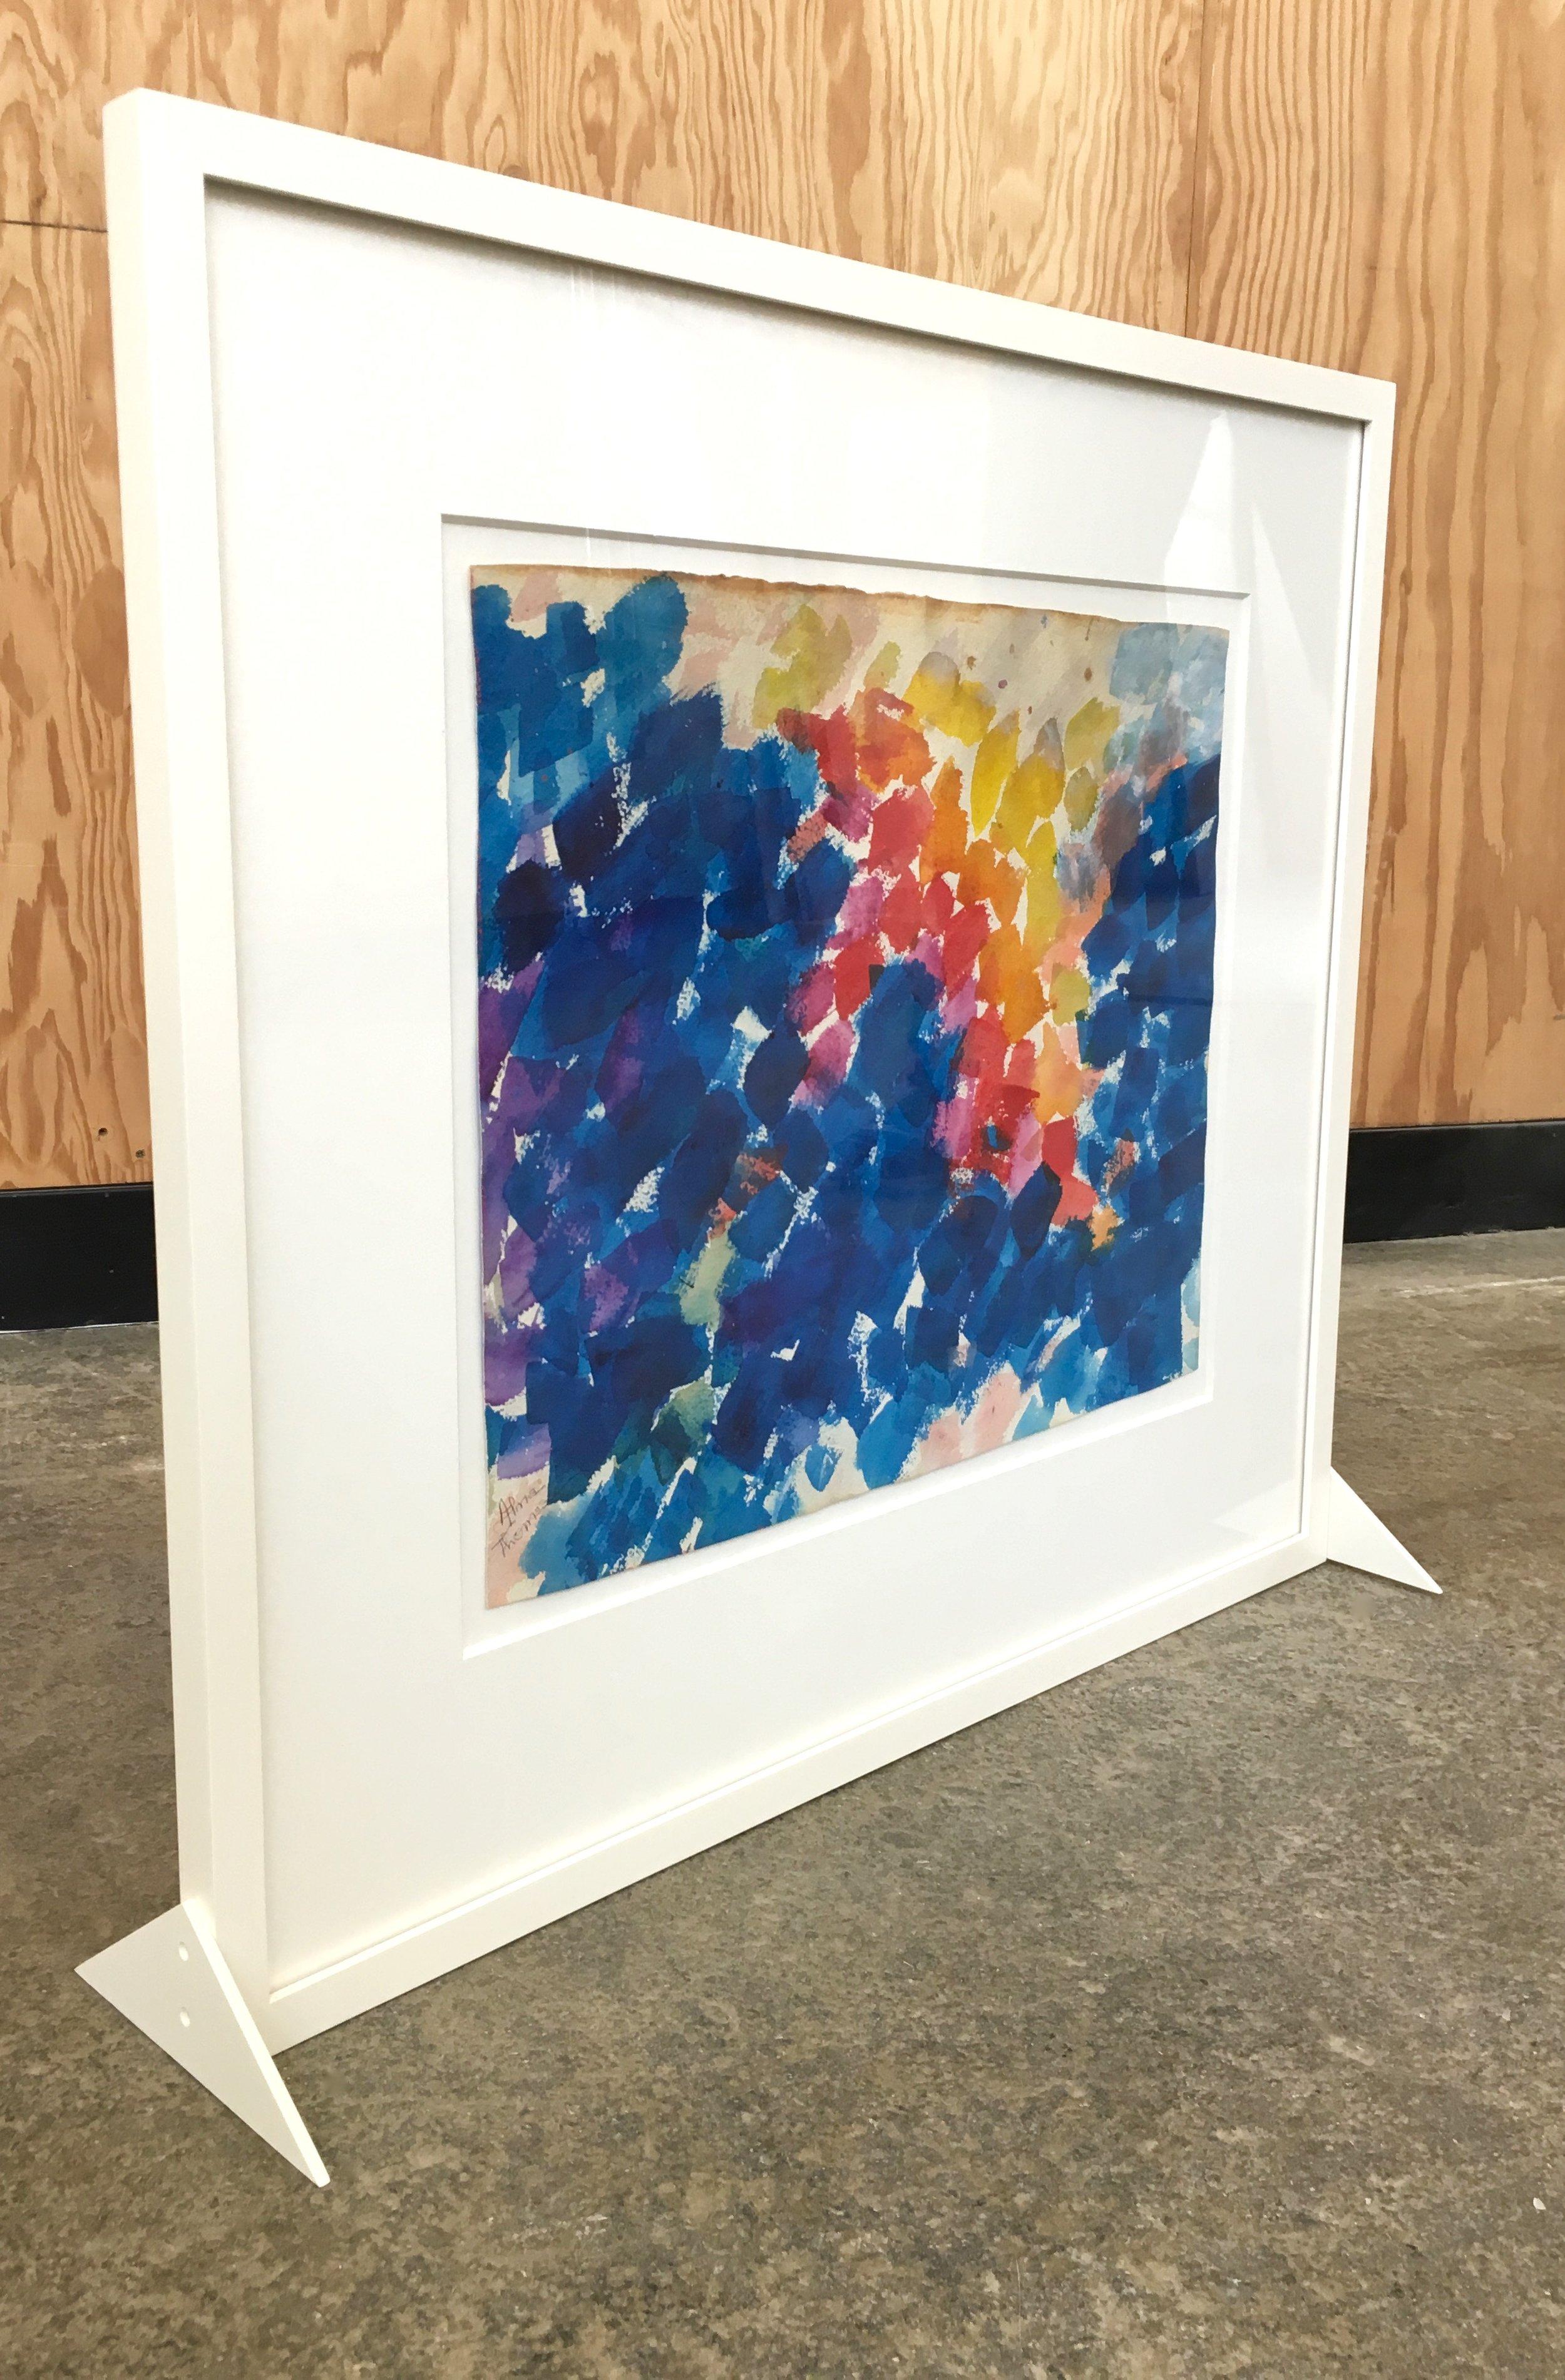 Frame Gallery Psg Framing